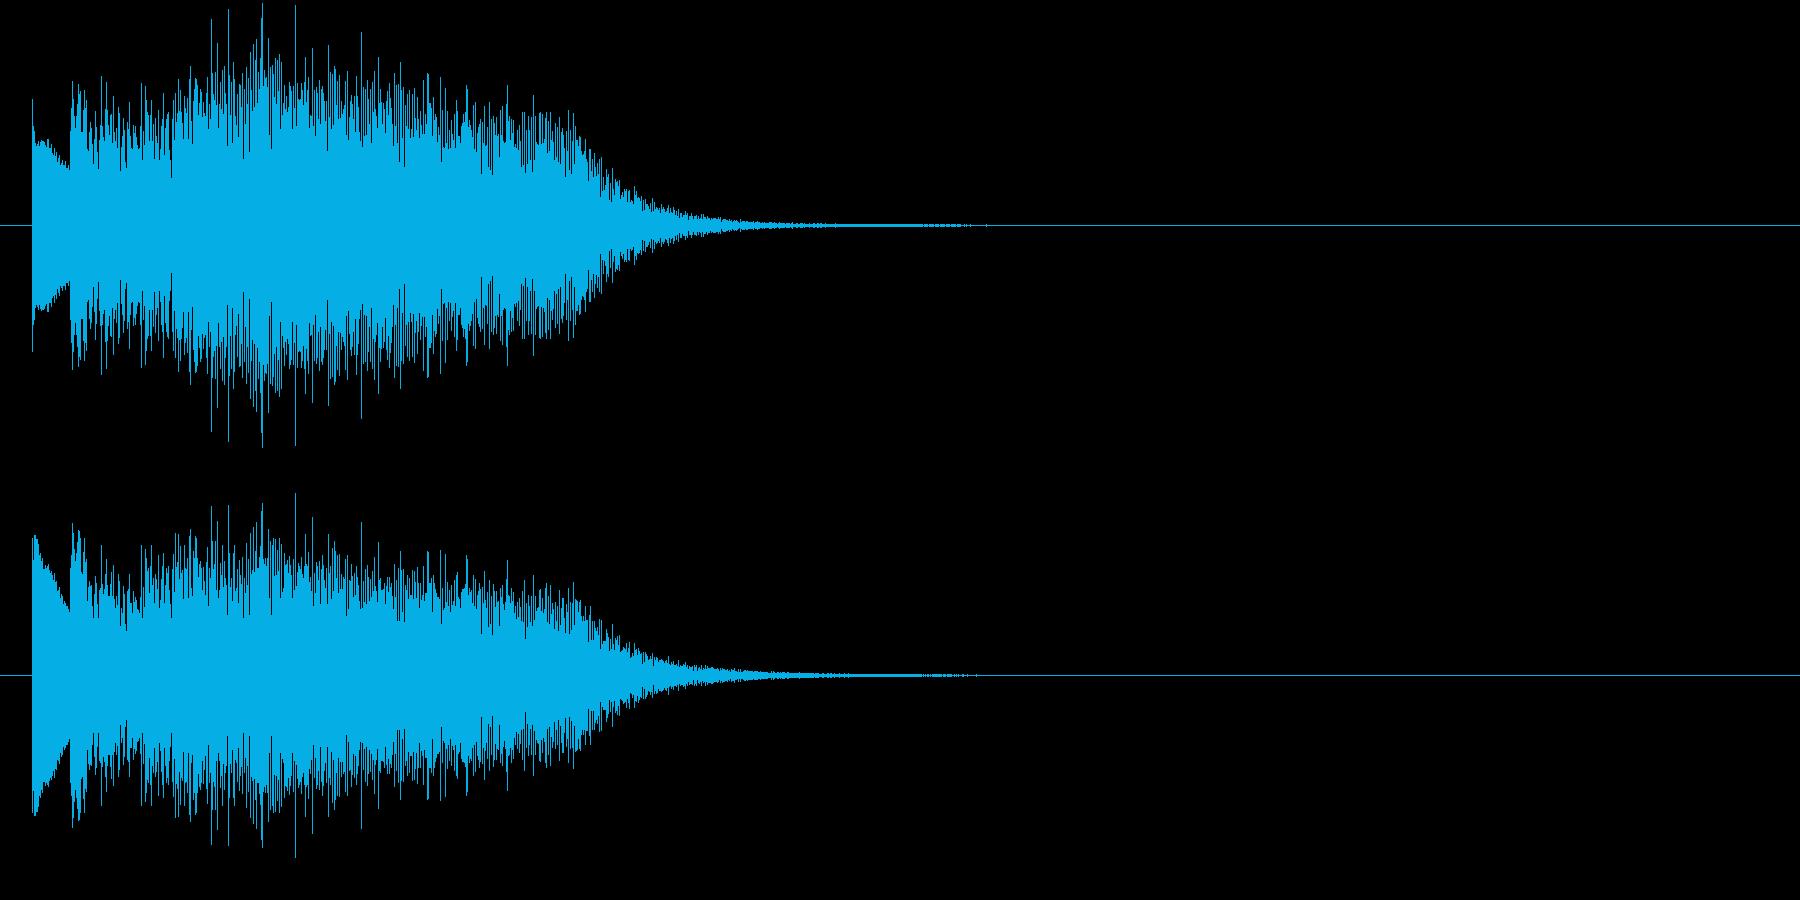 不思議なビブラフォンの上昇の再生済みの波形